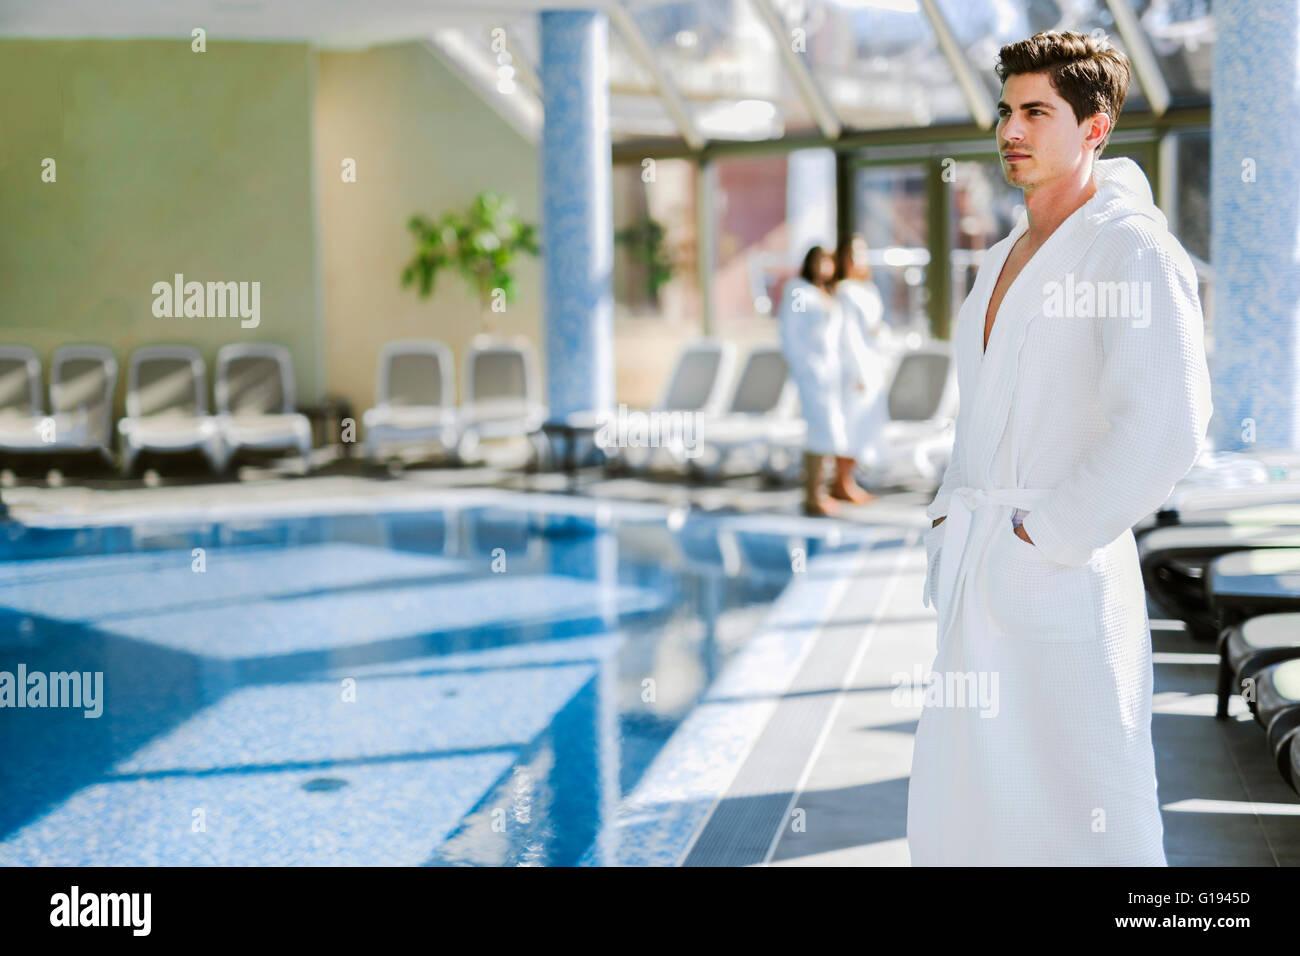 Hombre de pie junto a una piscina en un manto y relajante Imagen De Stock